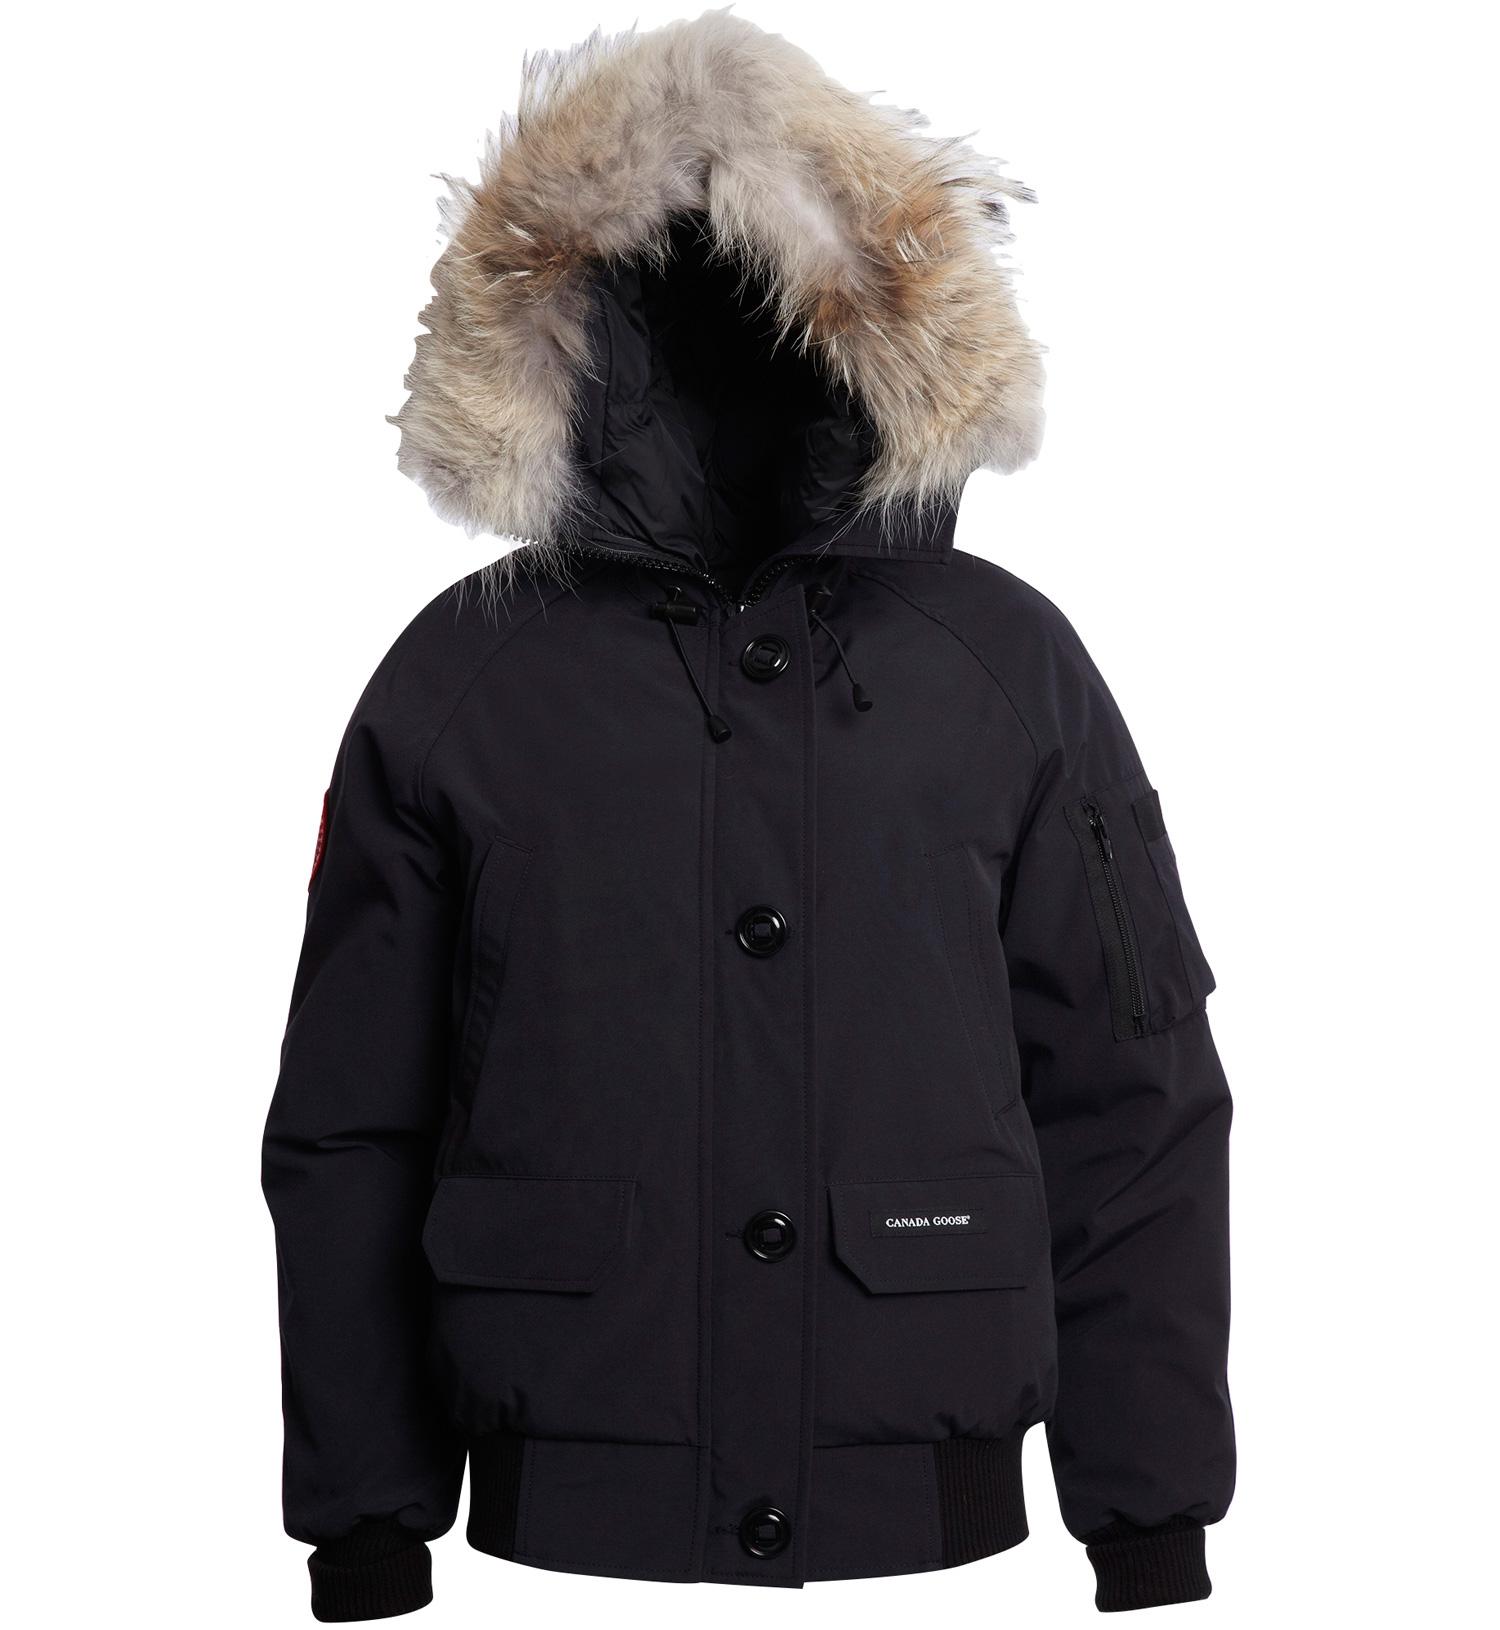 manteaux d'hiver femme canada goose